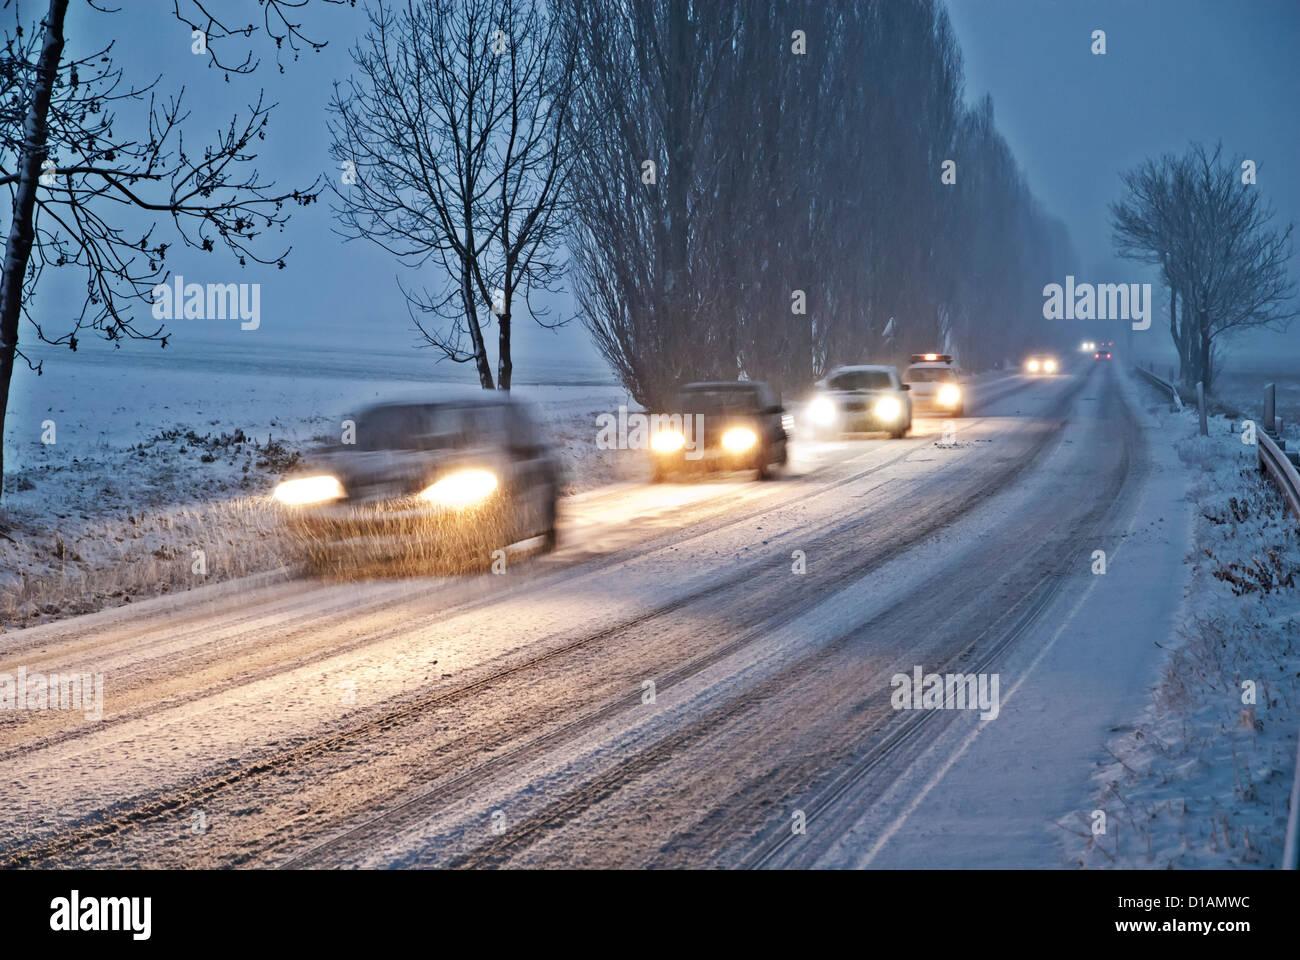 Autos in der Abenddämmerung auf einer verschneiten Landstraße in der Nähe von Bad Homburg im Taunus. Stockbild